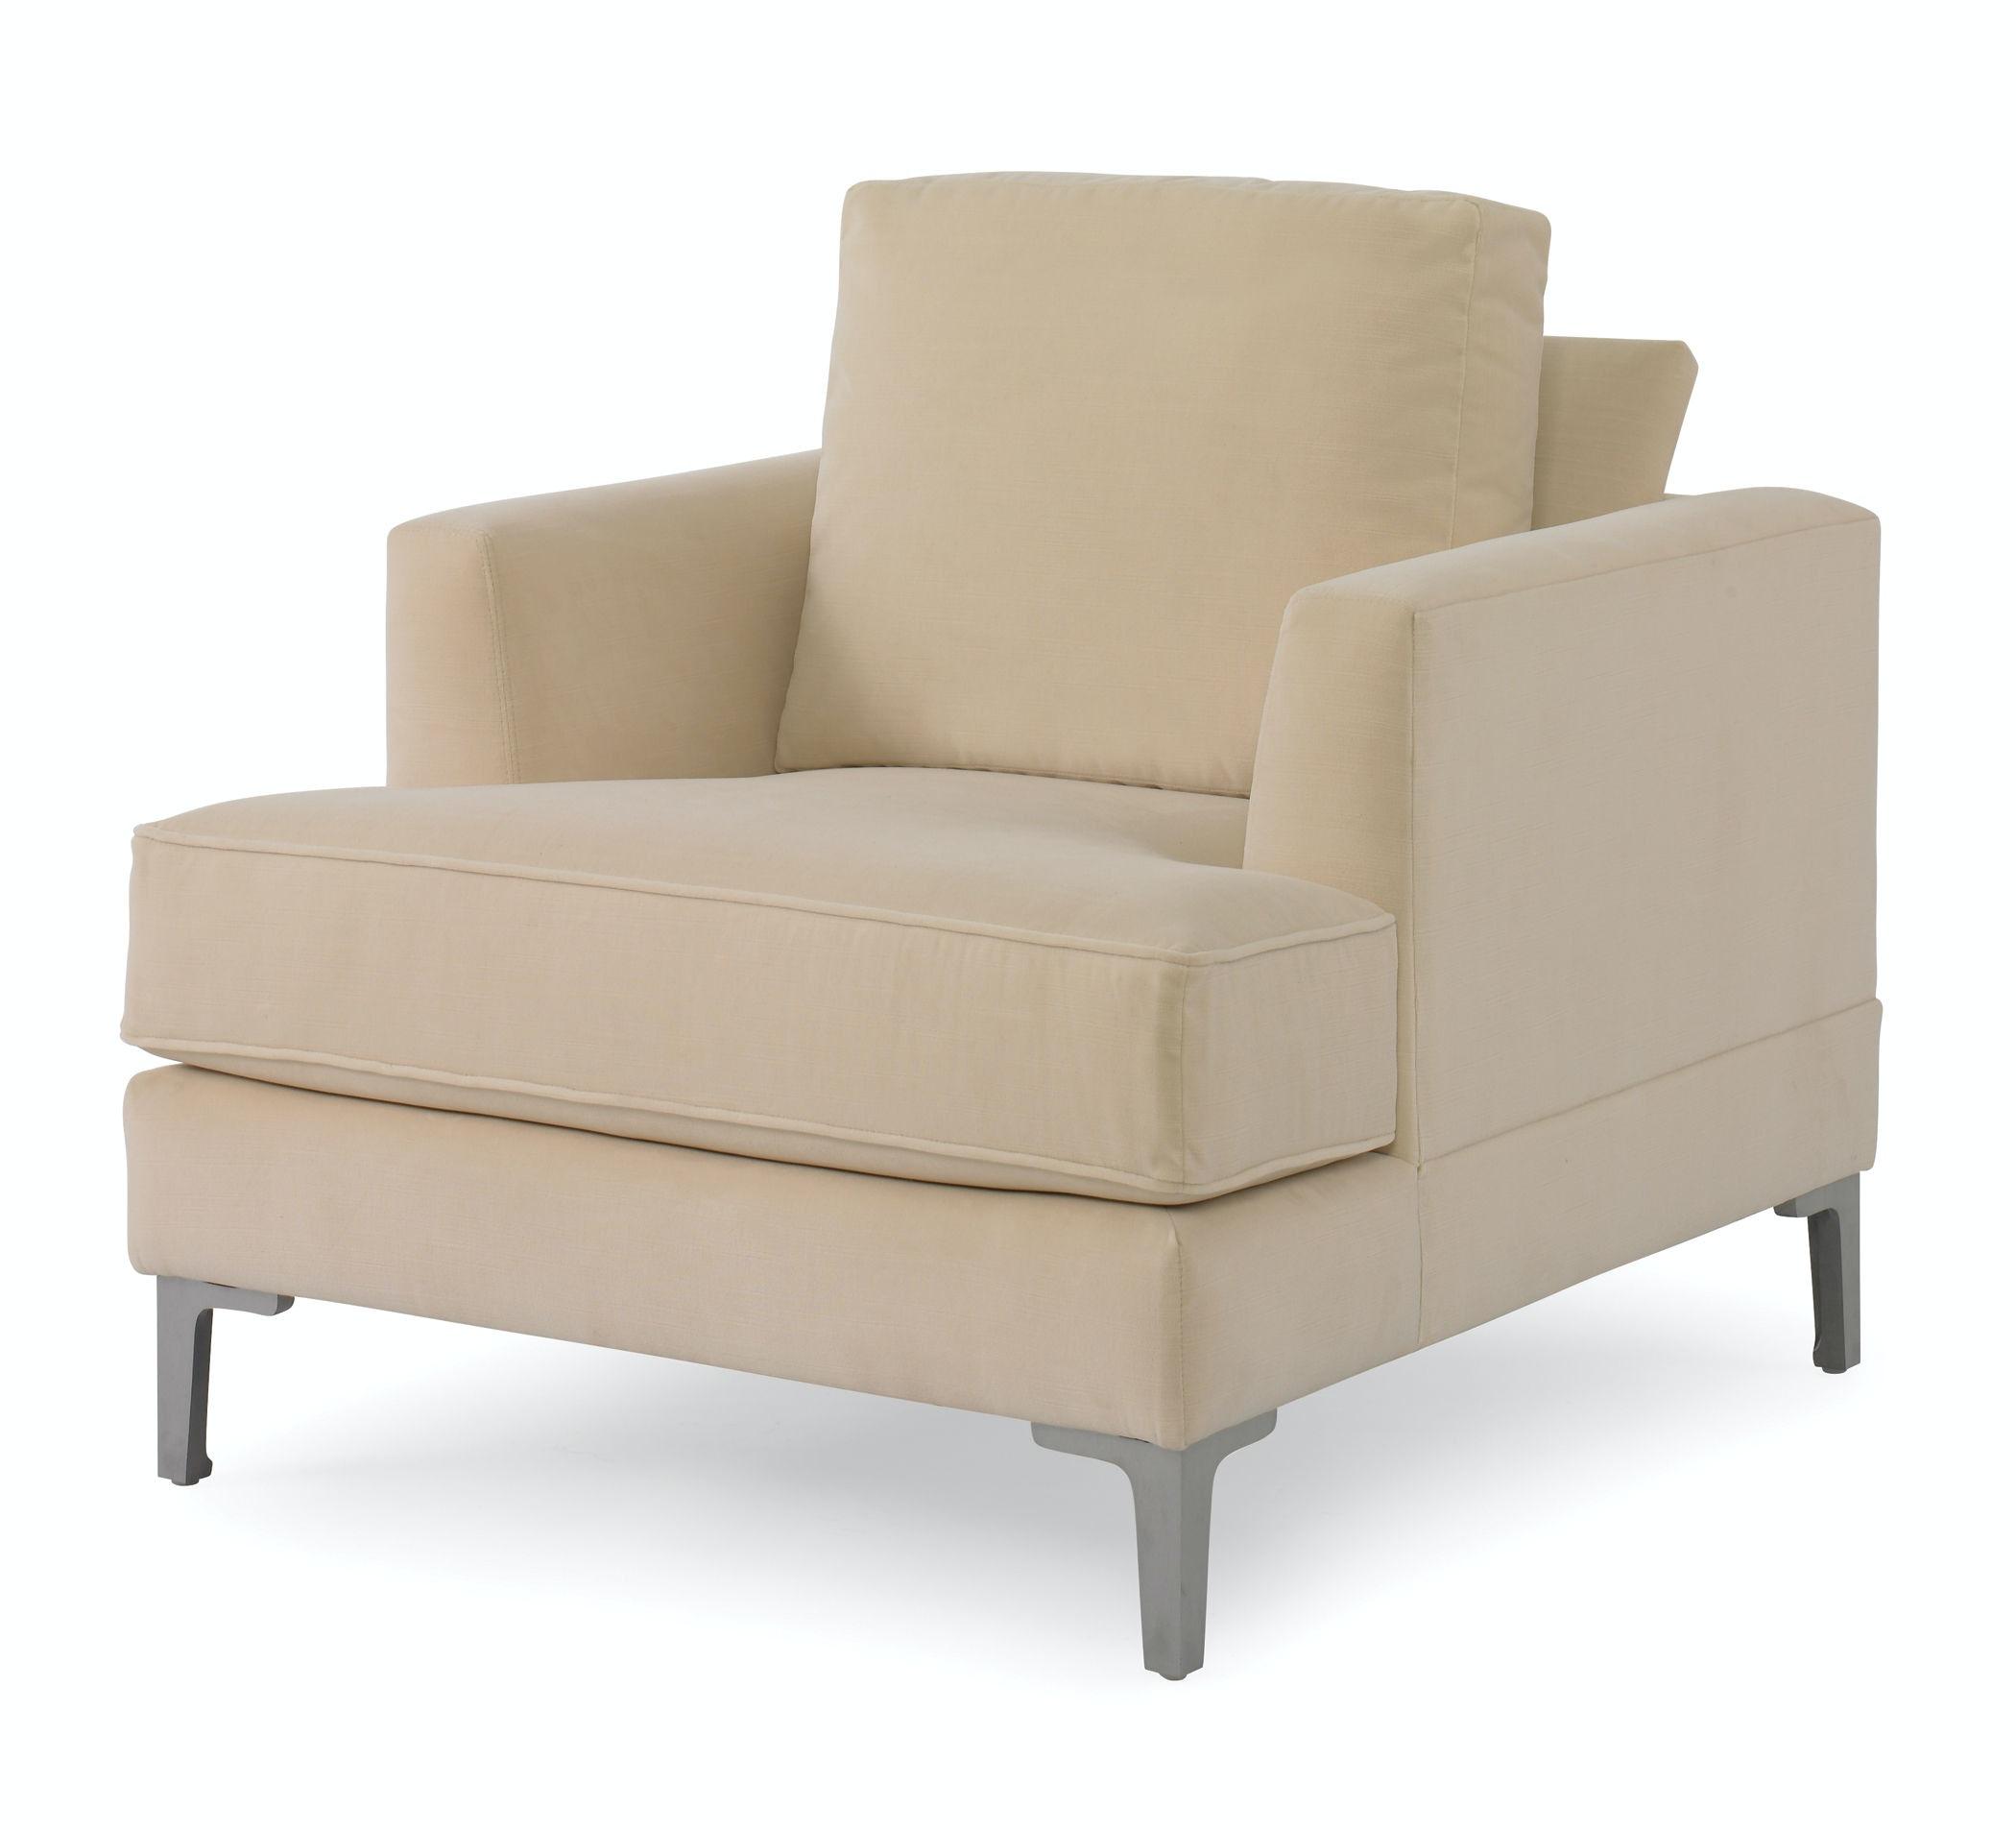 Marvelous Kravet Smart Union Chair DL904 CH